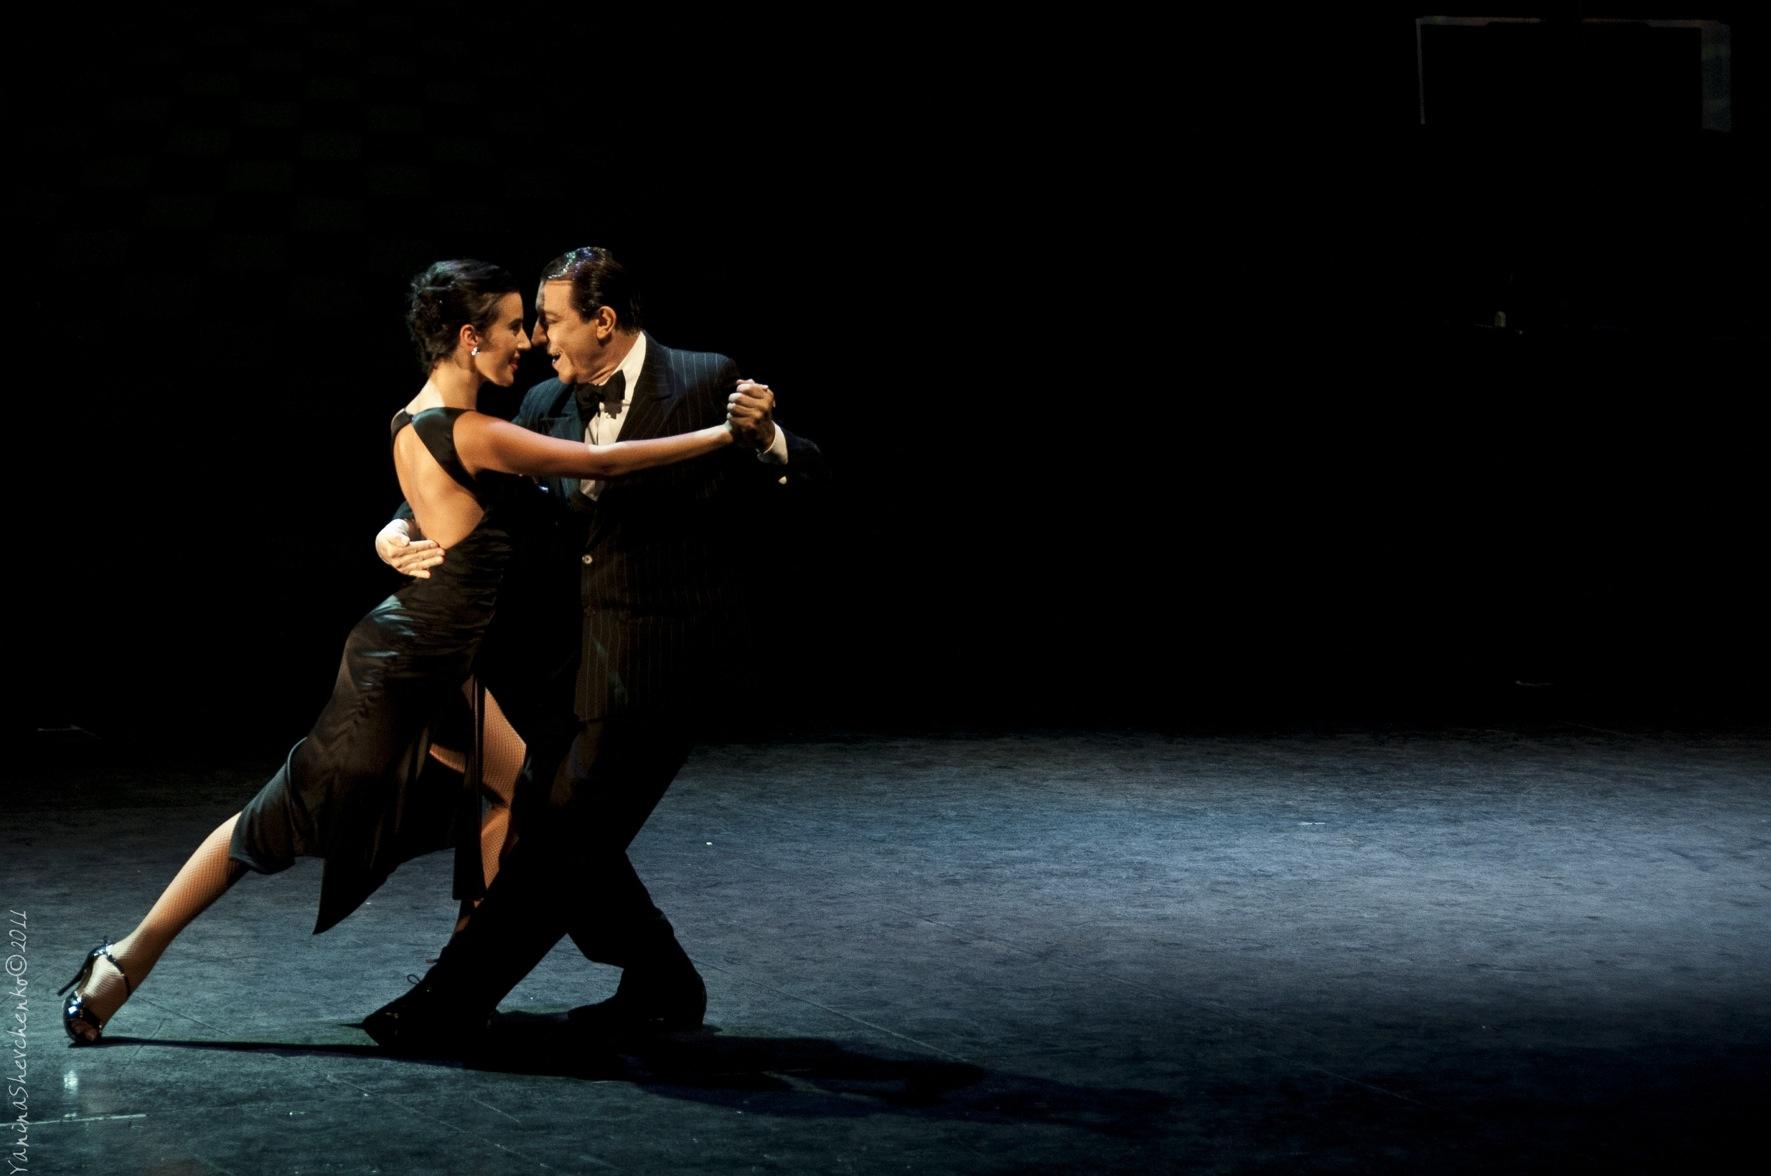 Романтический танец бесплатно